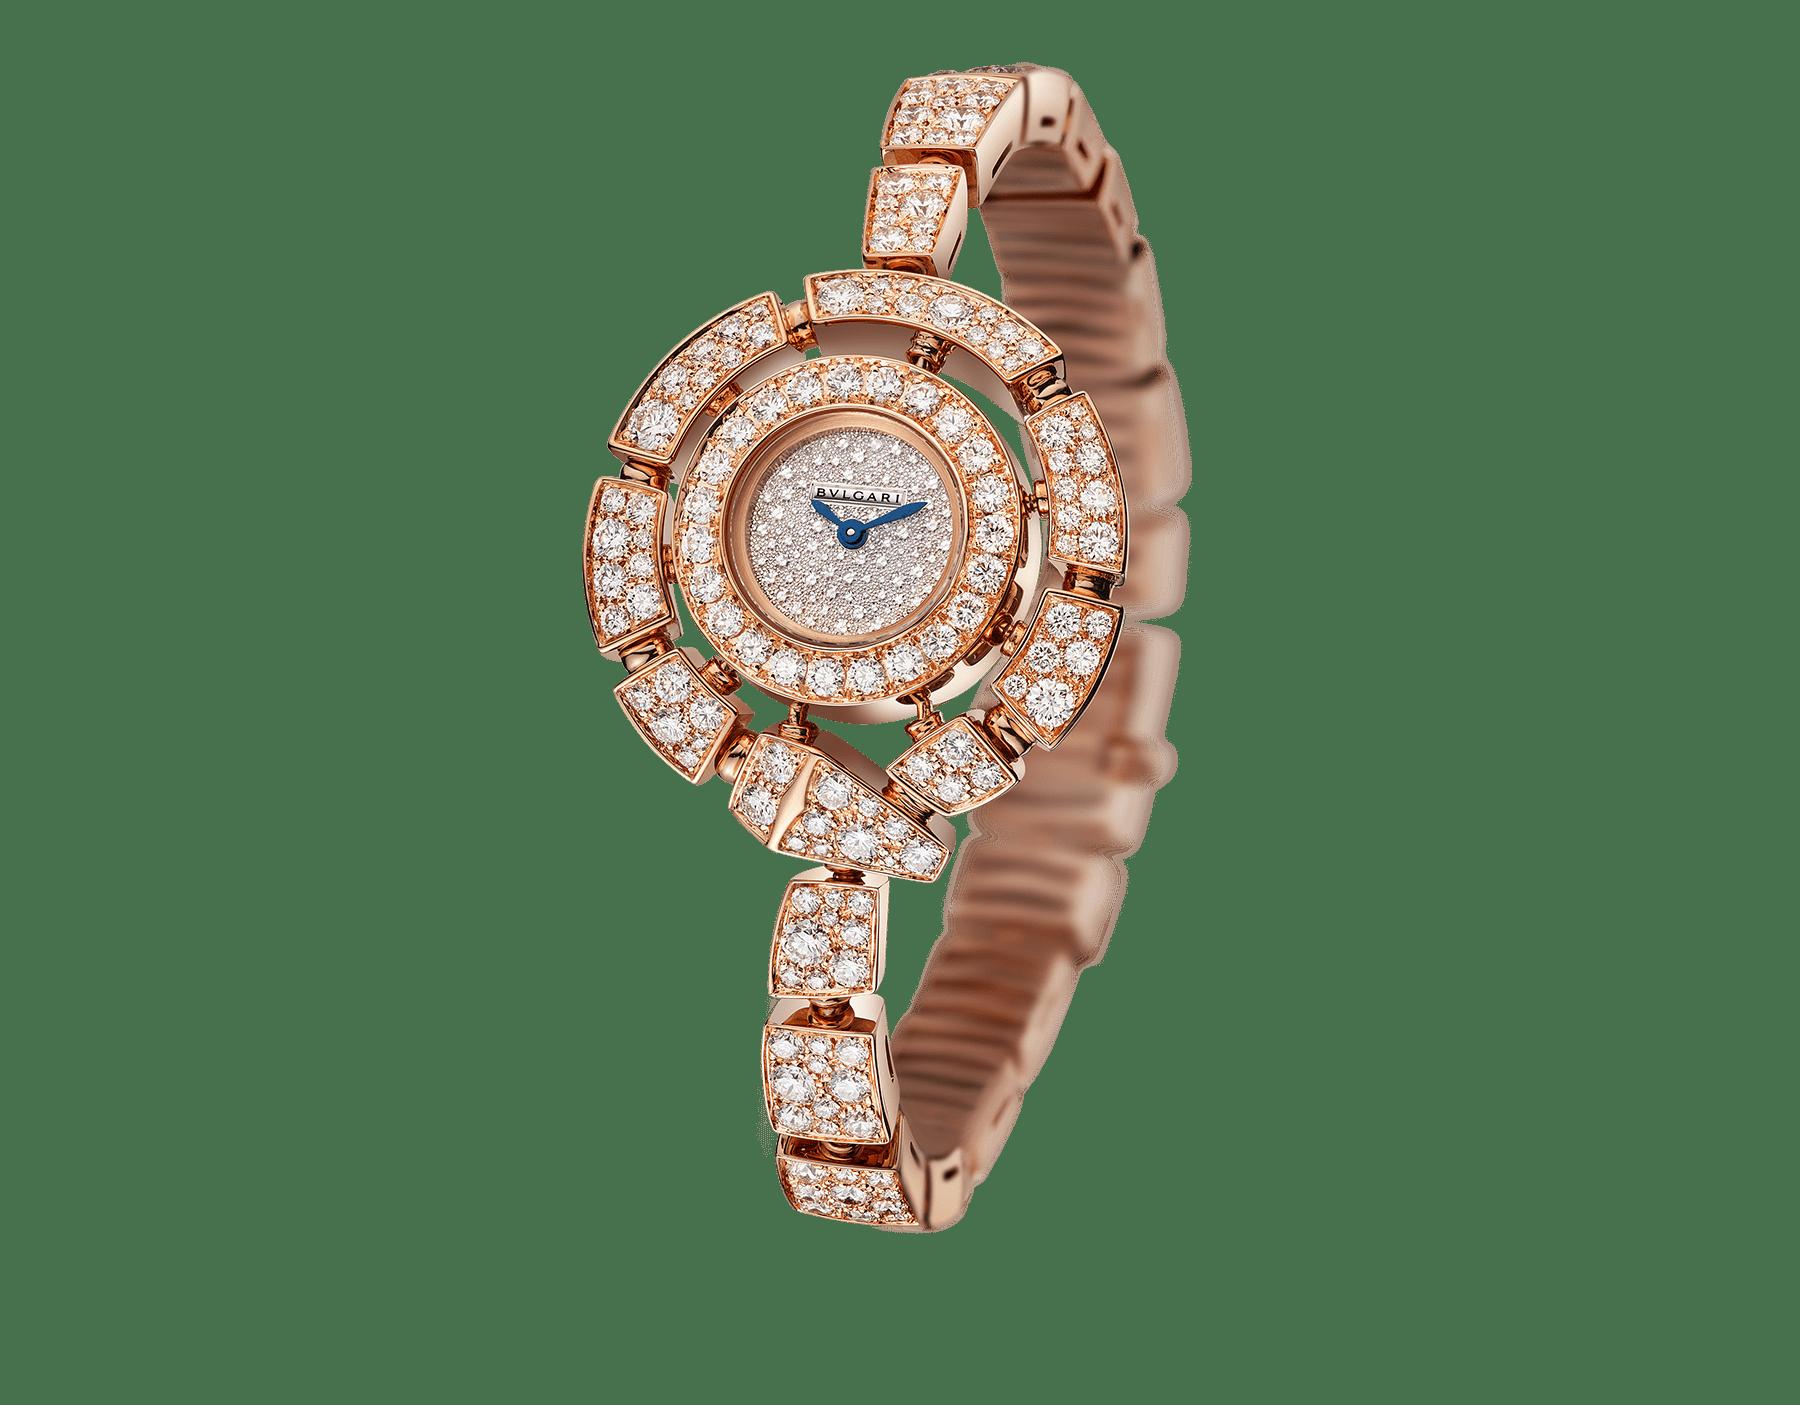 Relógio Serpenti Incantati com caixa e pulseira em ouro rosa 18K cravejadas com diamantes lapidação brilhante e mostrador cravejado com diamantes engaste neve. 102673 image 1